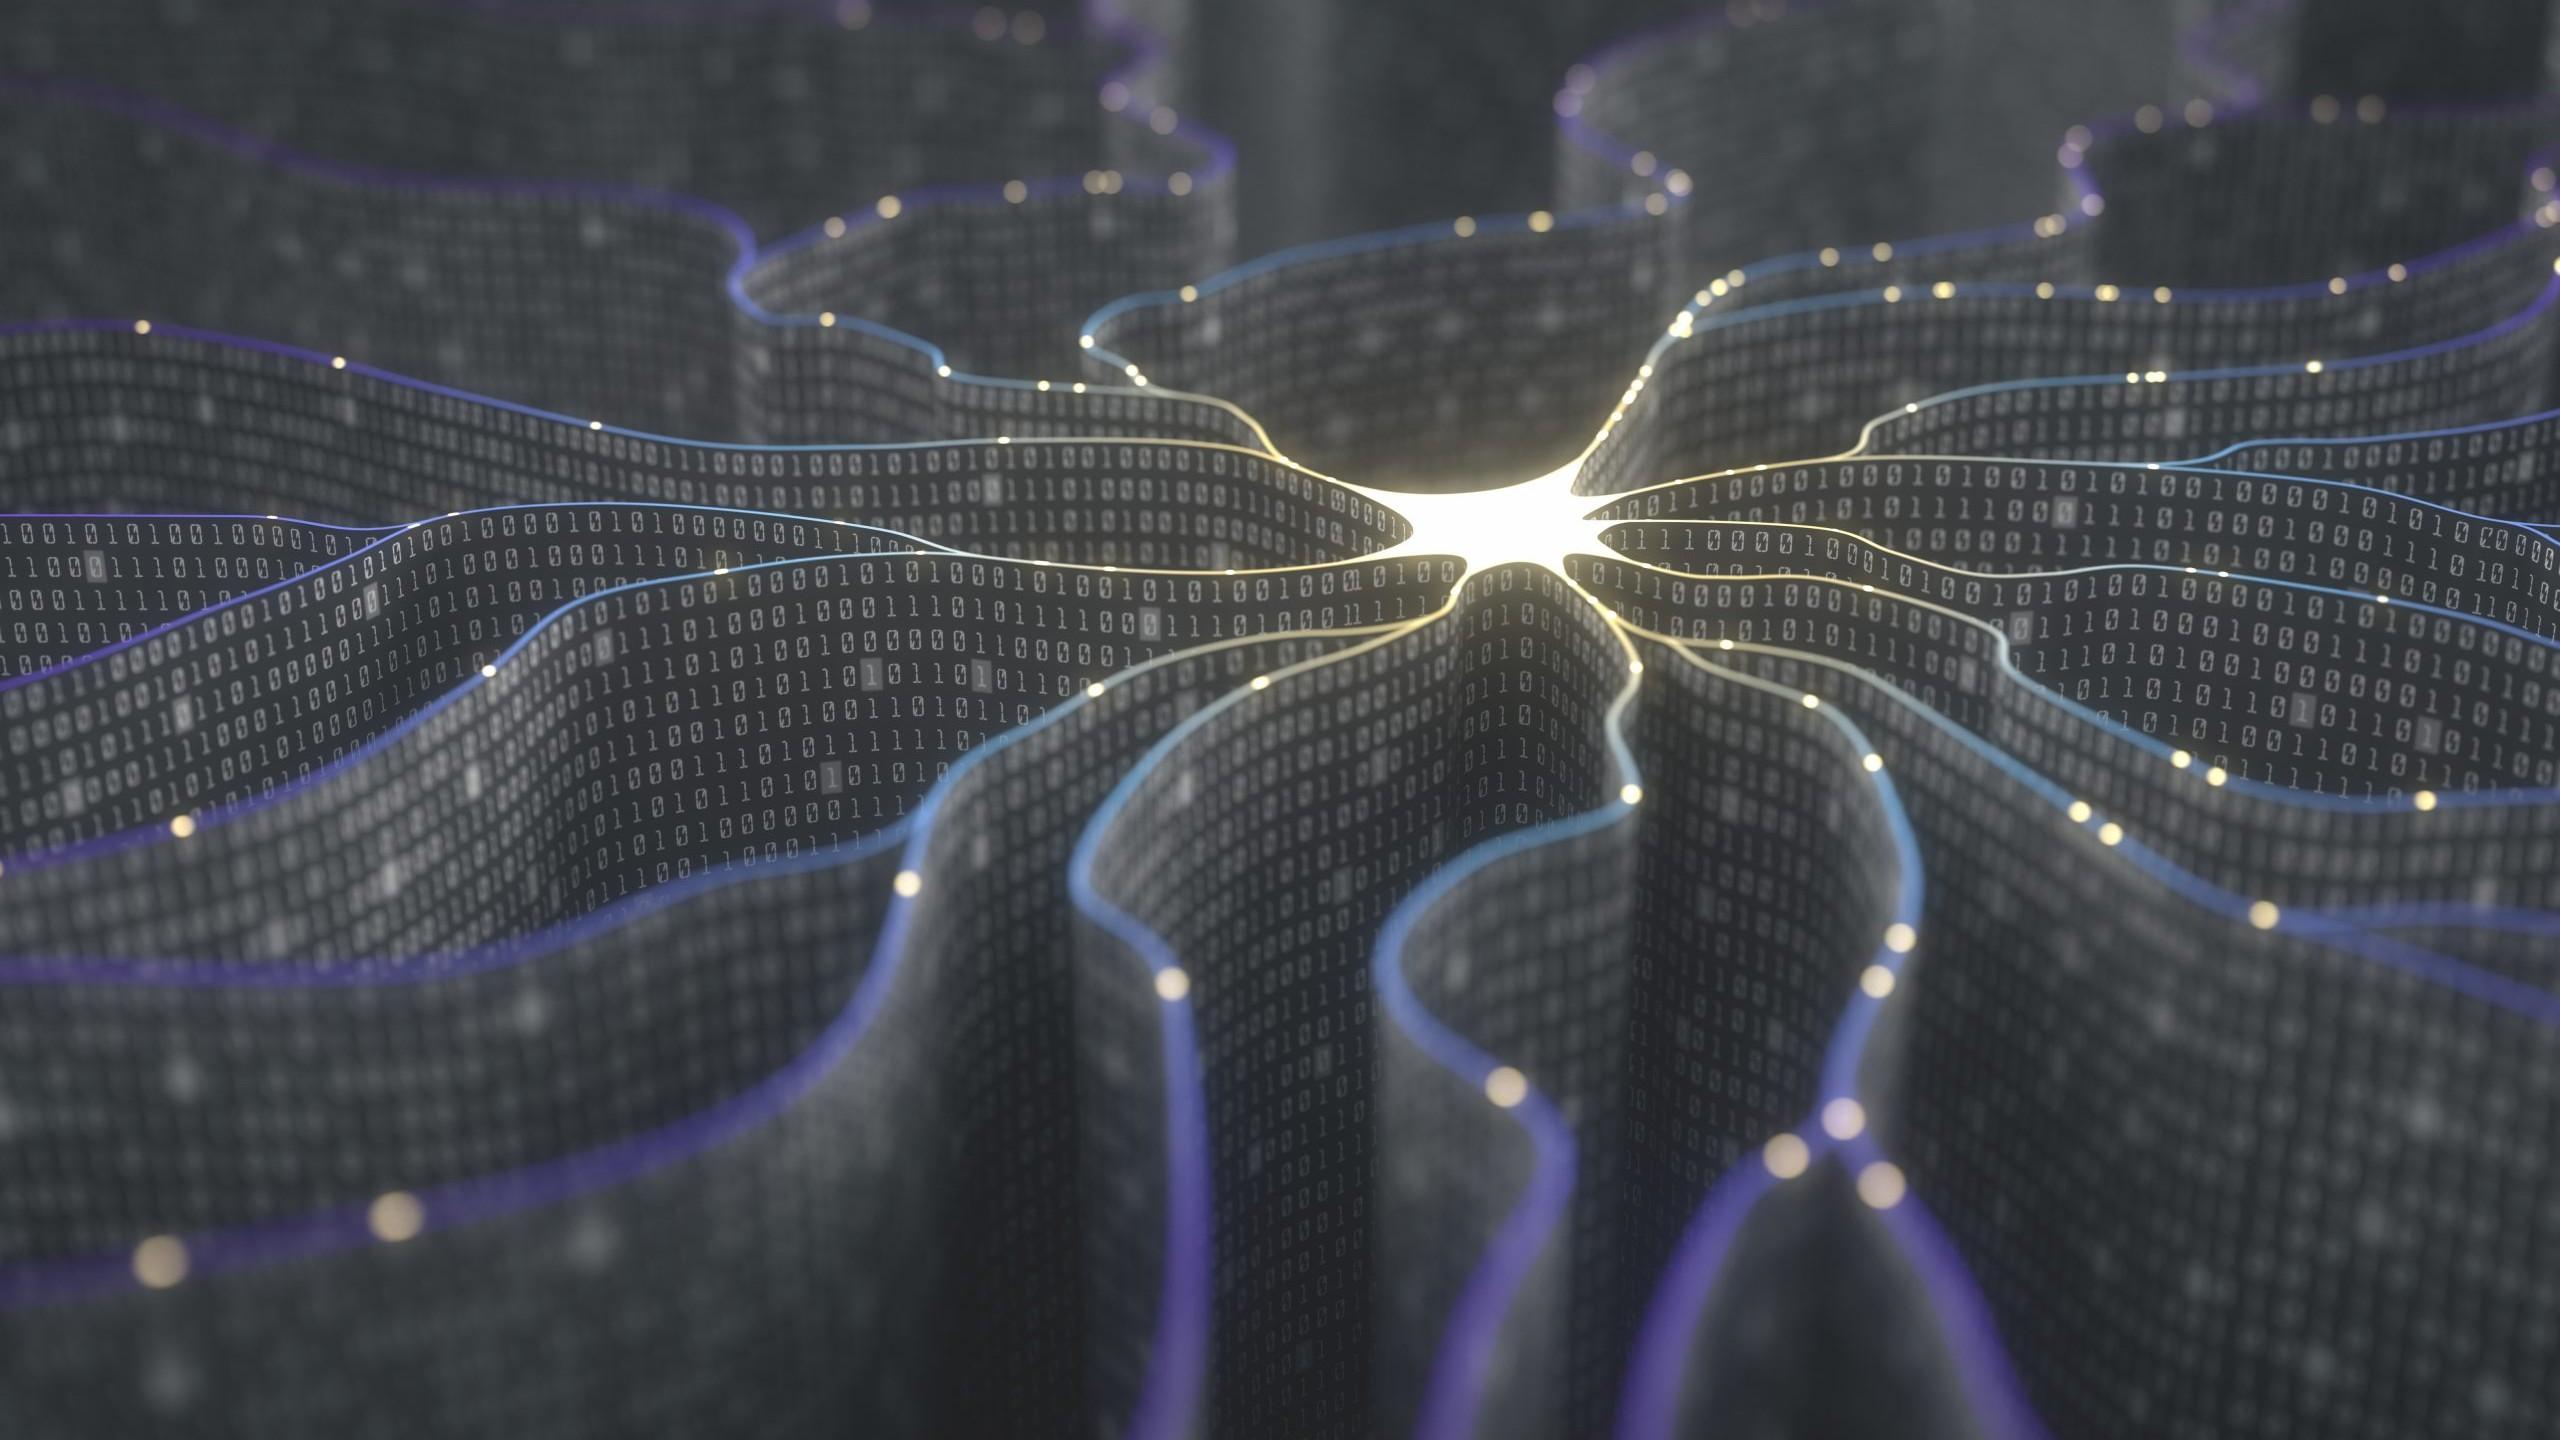 Kuenstliche Neuronen im KI Netz